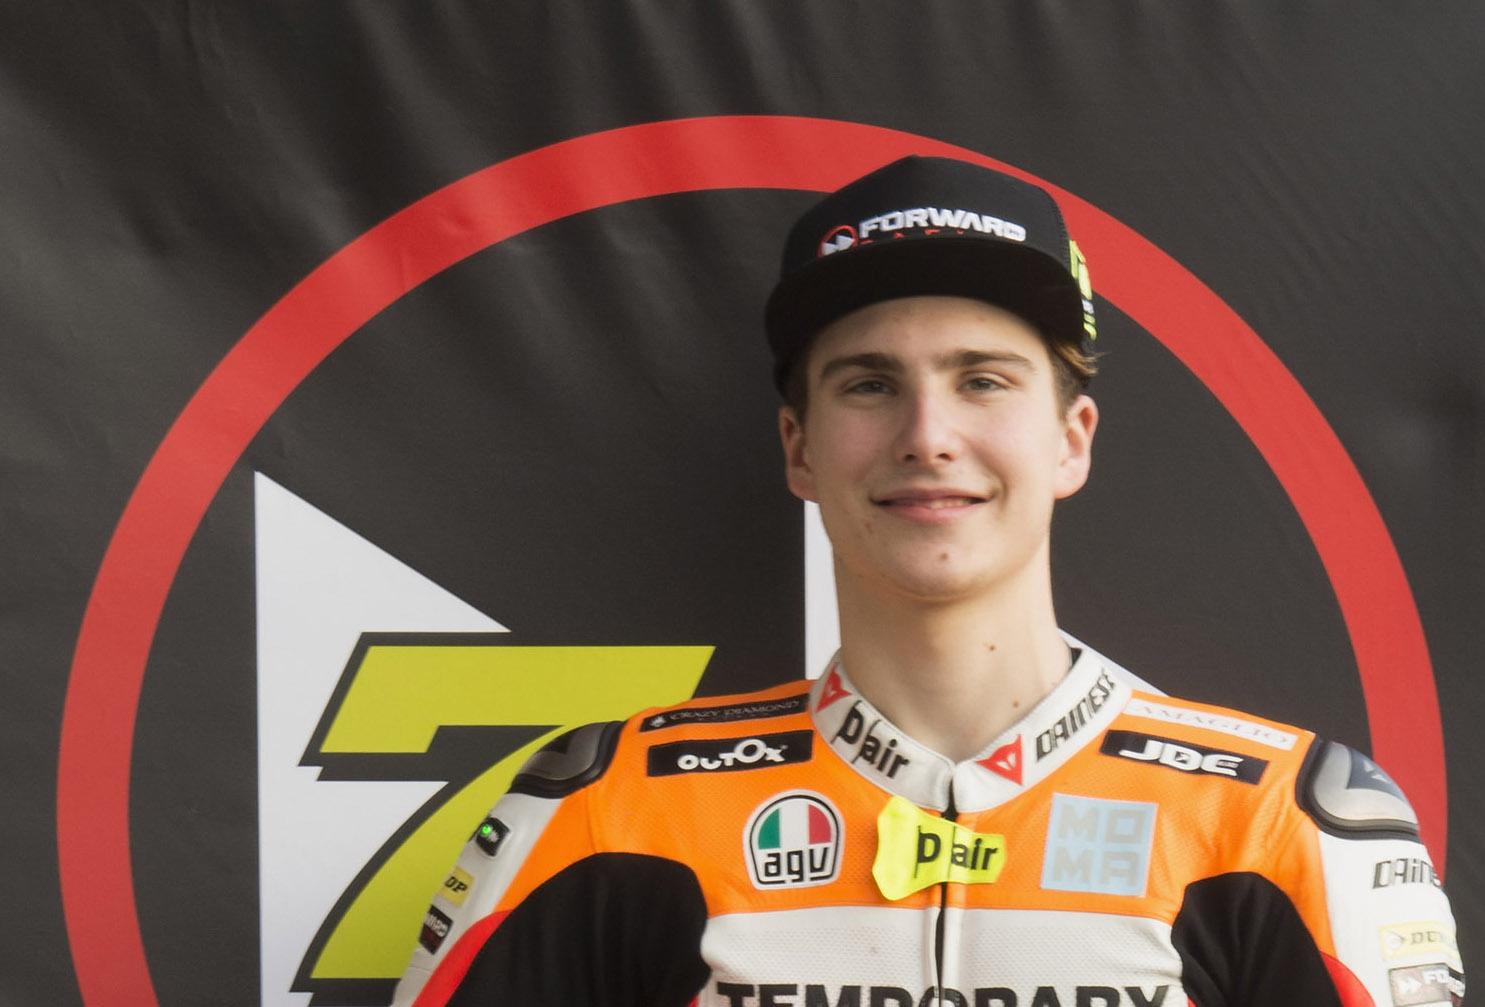 Lorenzo Baldassarri will not race the Grand Prix of Qatar